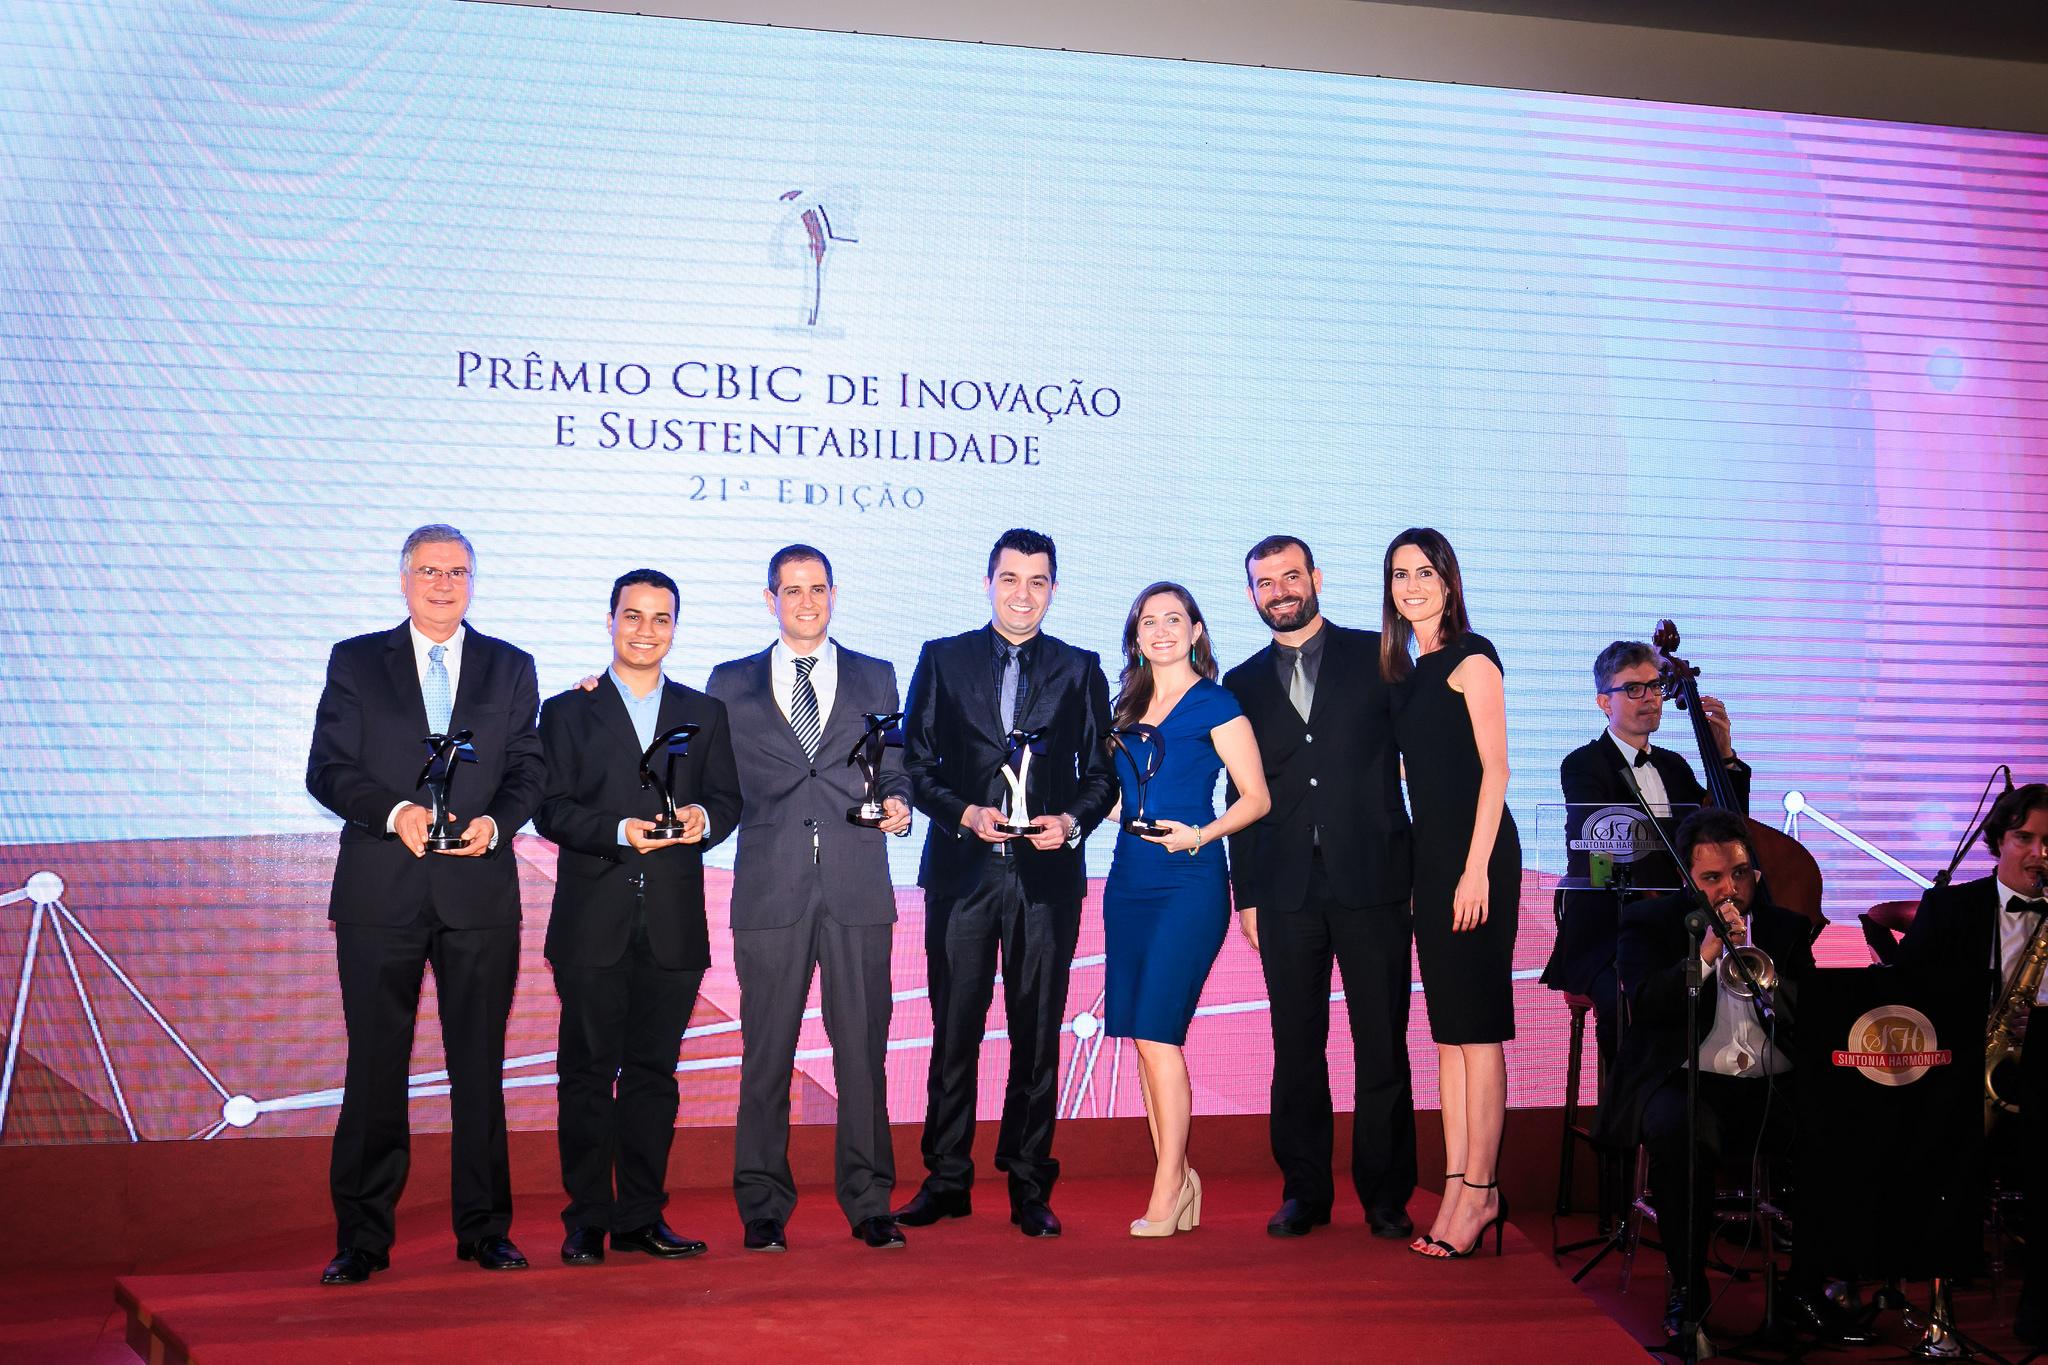 Prêmio CBIC